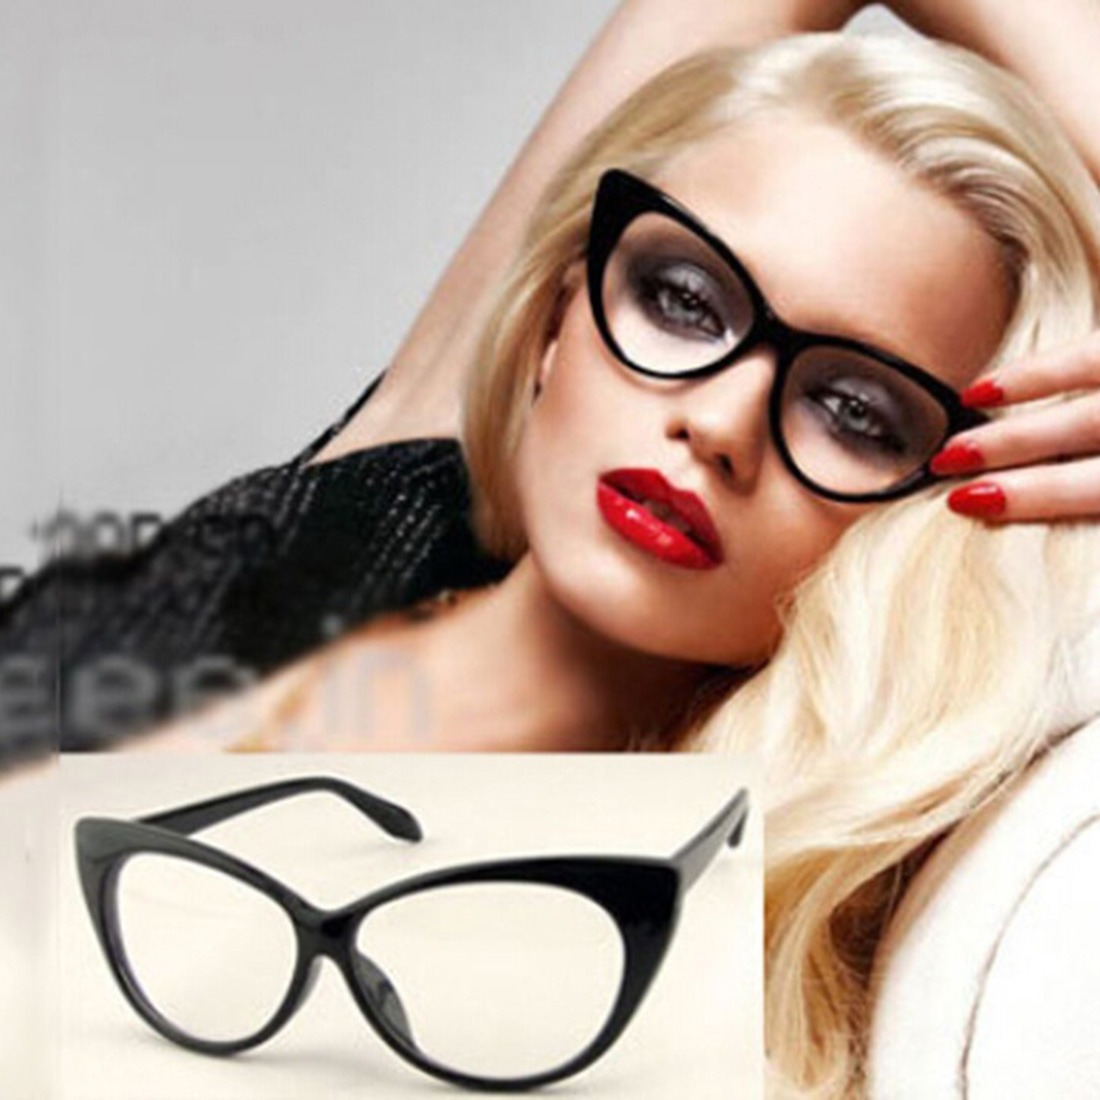 33fd9710f8d93 armacao p  oculos de grau troca lentes feminino moda gatinho. Carregando  zoom.